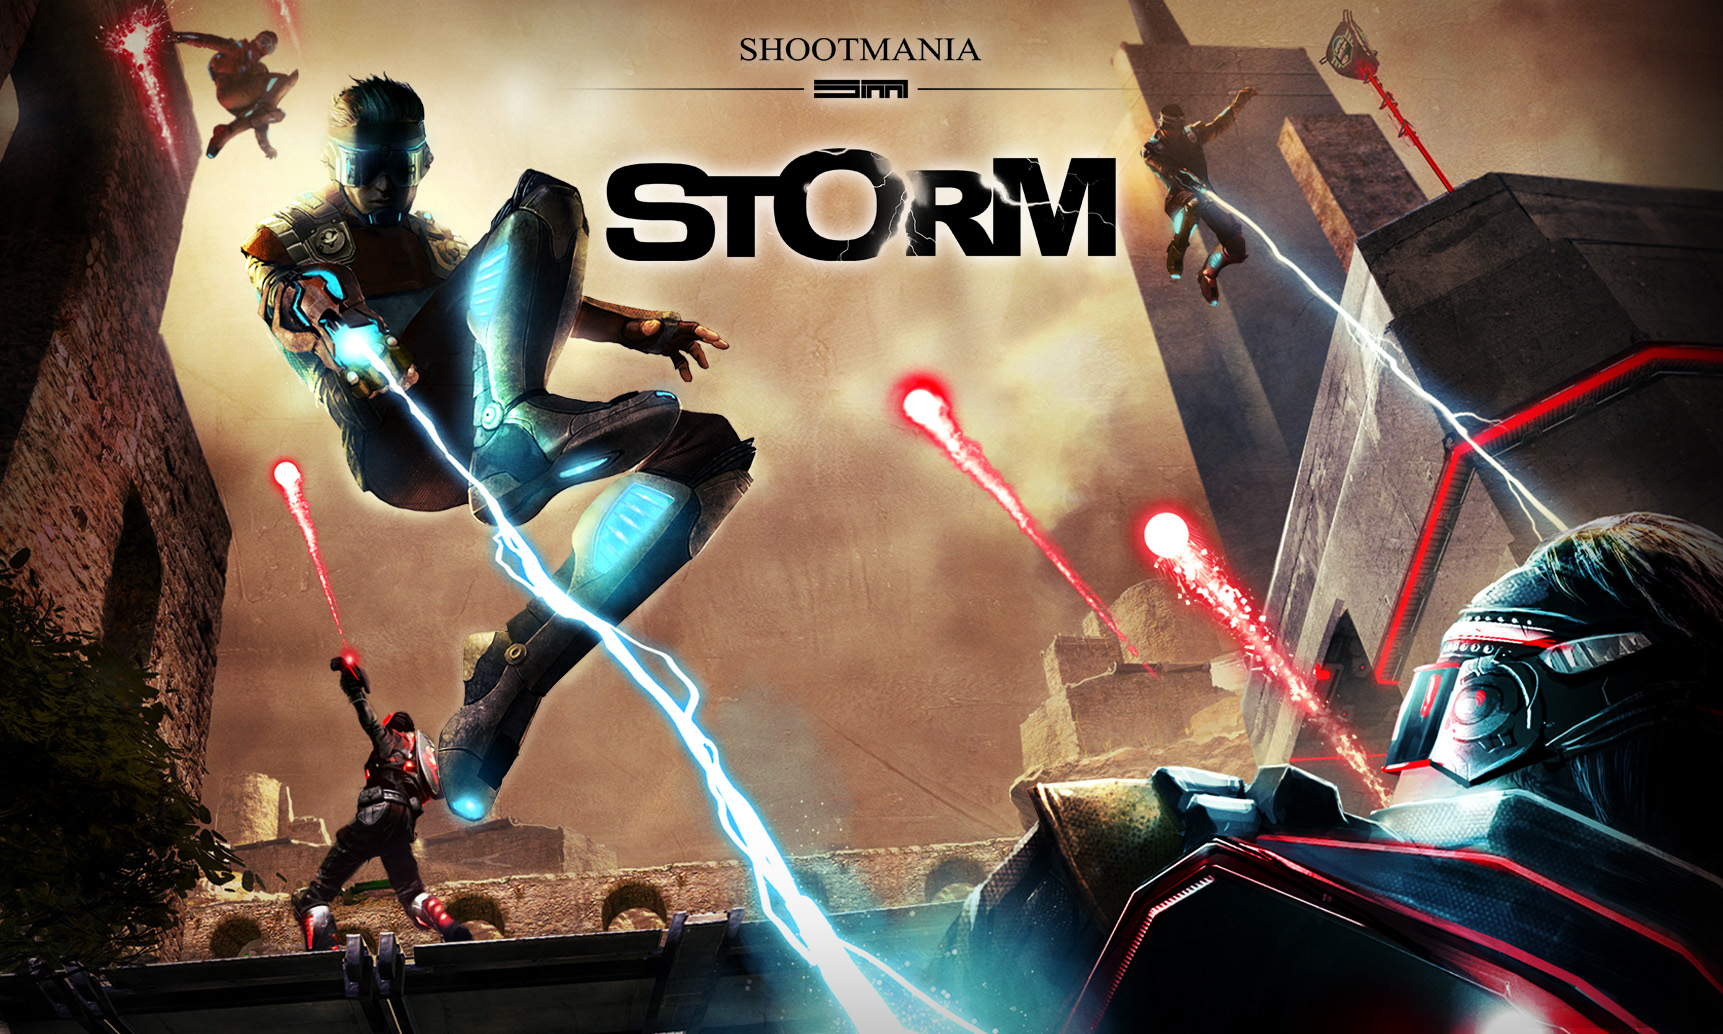 FICHE TECHNIQUE deShootMania Storm Editeur:Ubisoft Développeur :Nadeo Type: FPS Genre:Jeux de combat Sortie France:10 avril 2013 En savoir +:jeu mutlijoueurs uniquement en ligne Aussi sur: PC   ShootMania Storm […]